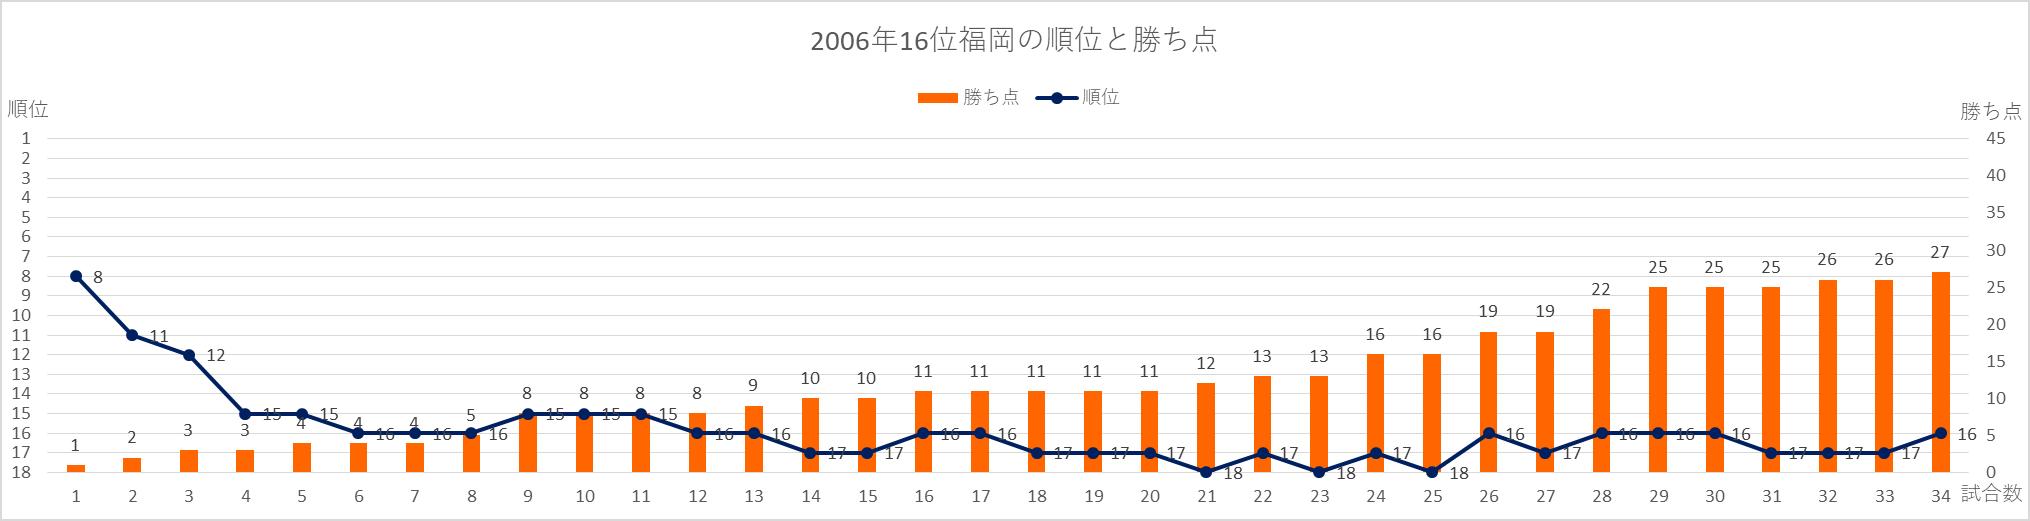 2006福岡の順位と勝ち点の推移